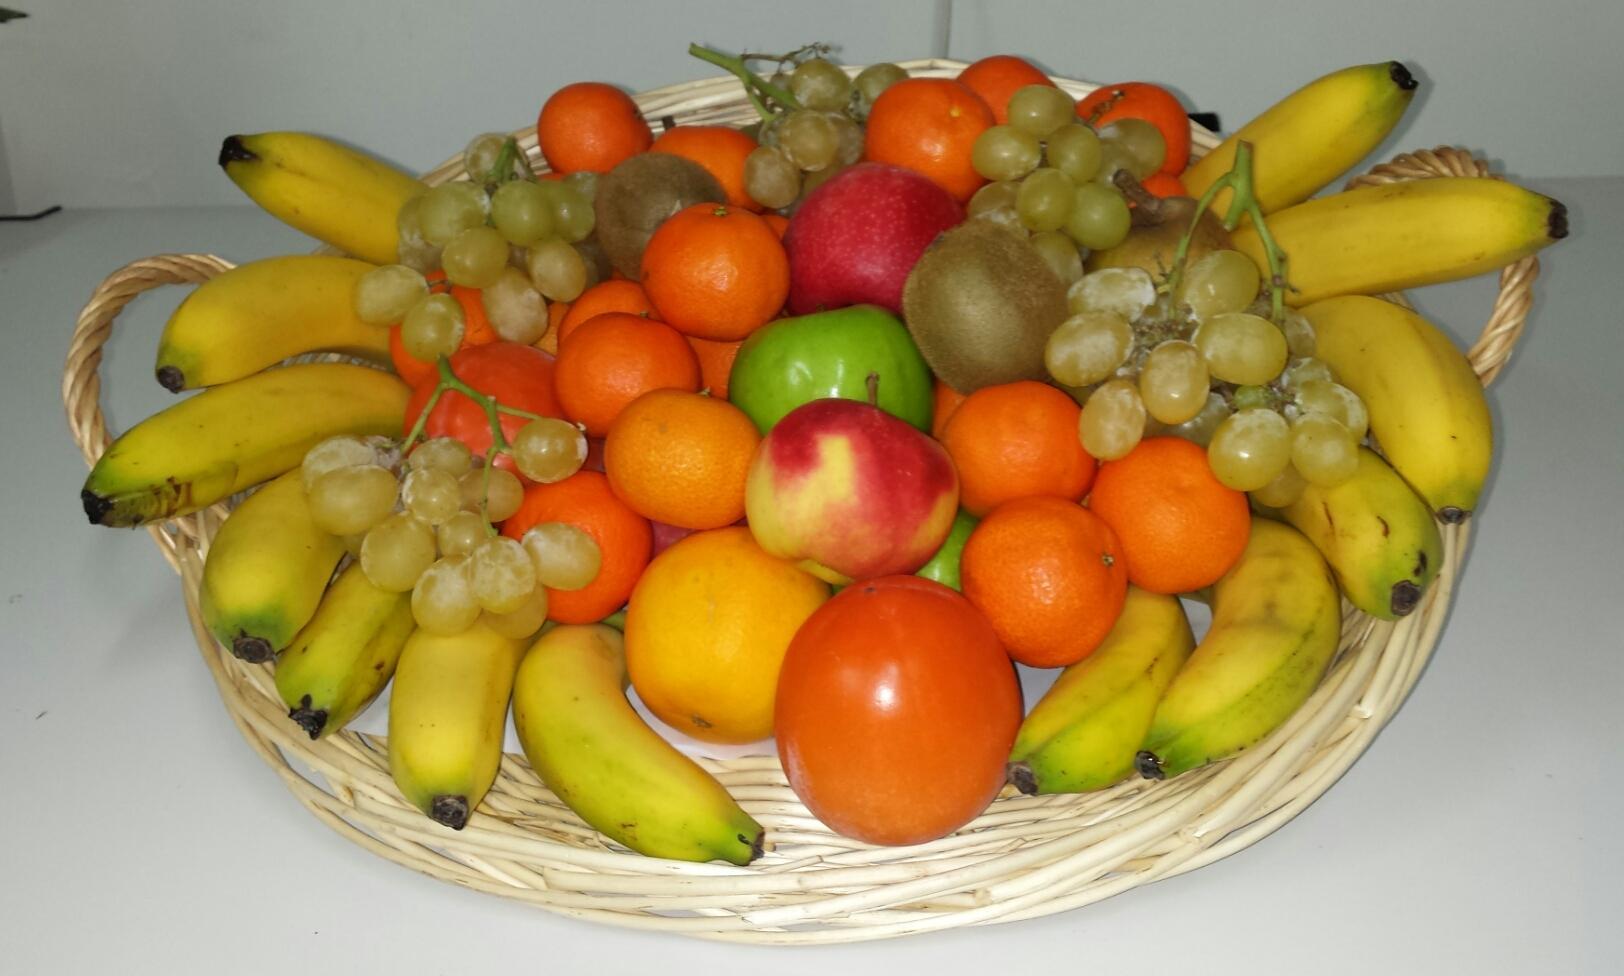 livraison de fruits au bureau archives page 12 de 13 alex et alex. Black Bedroom Furniture Sets. Home Design Ideas